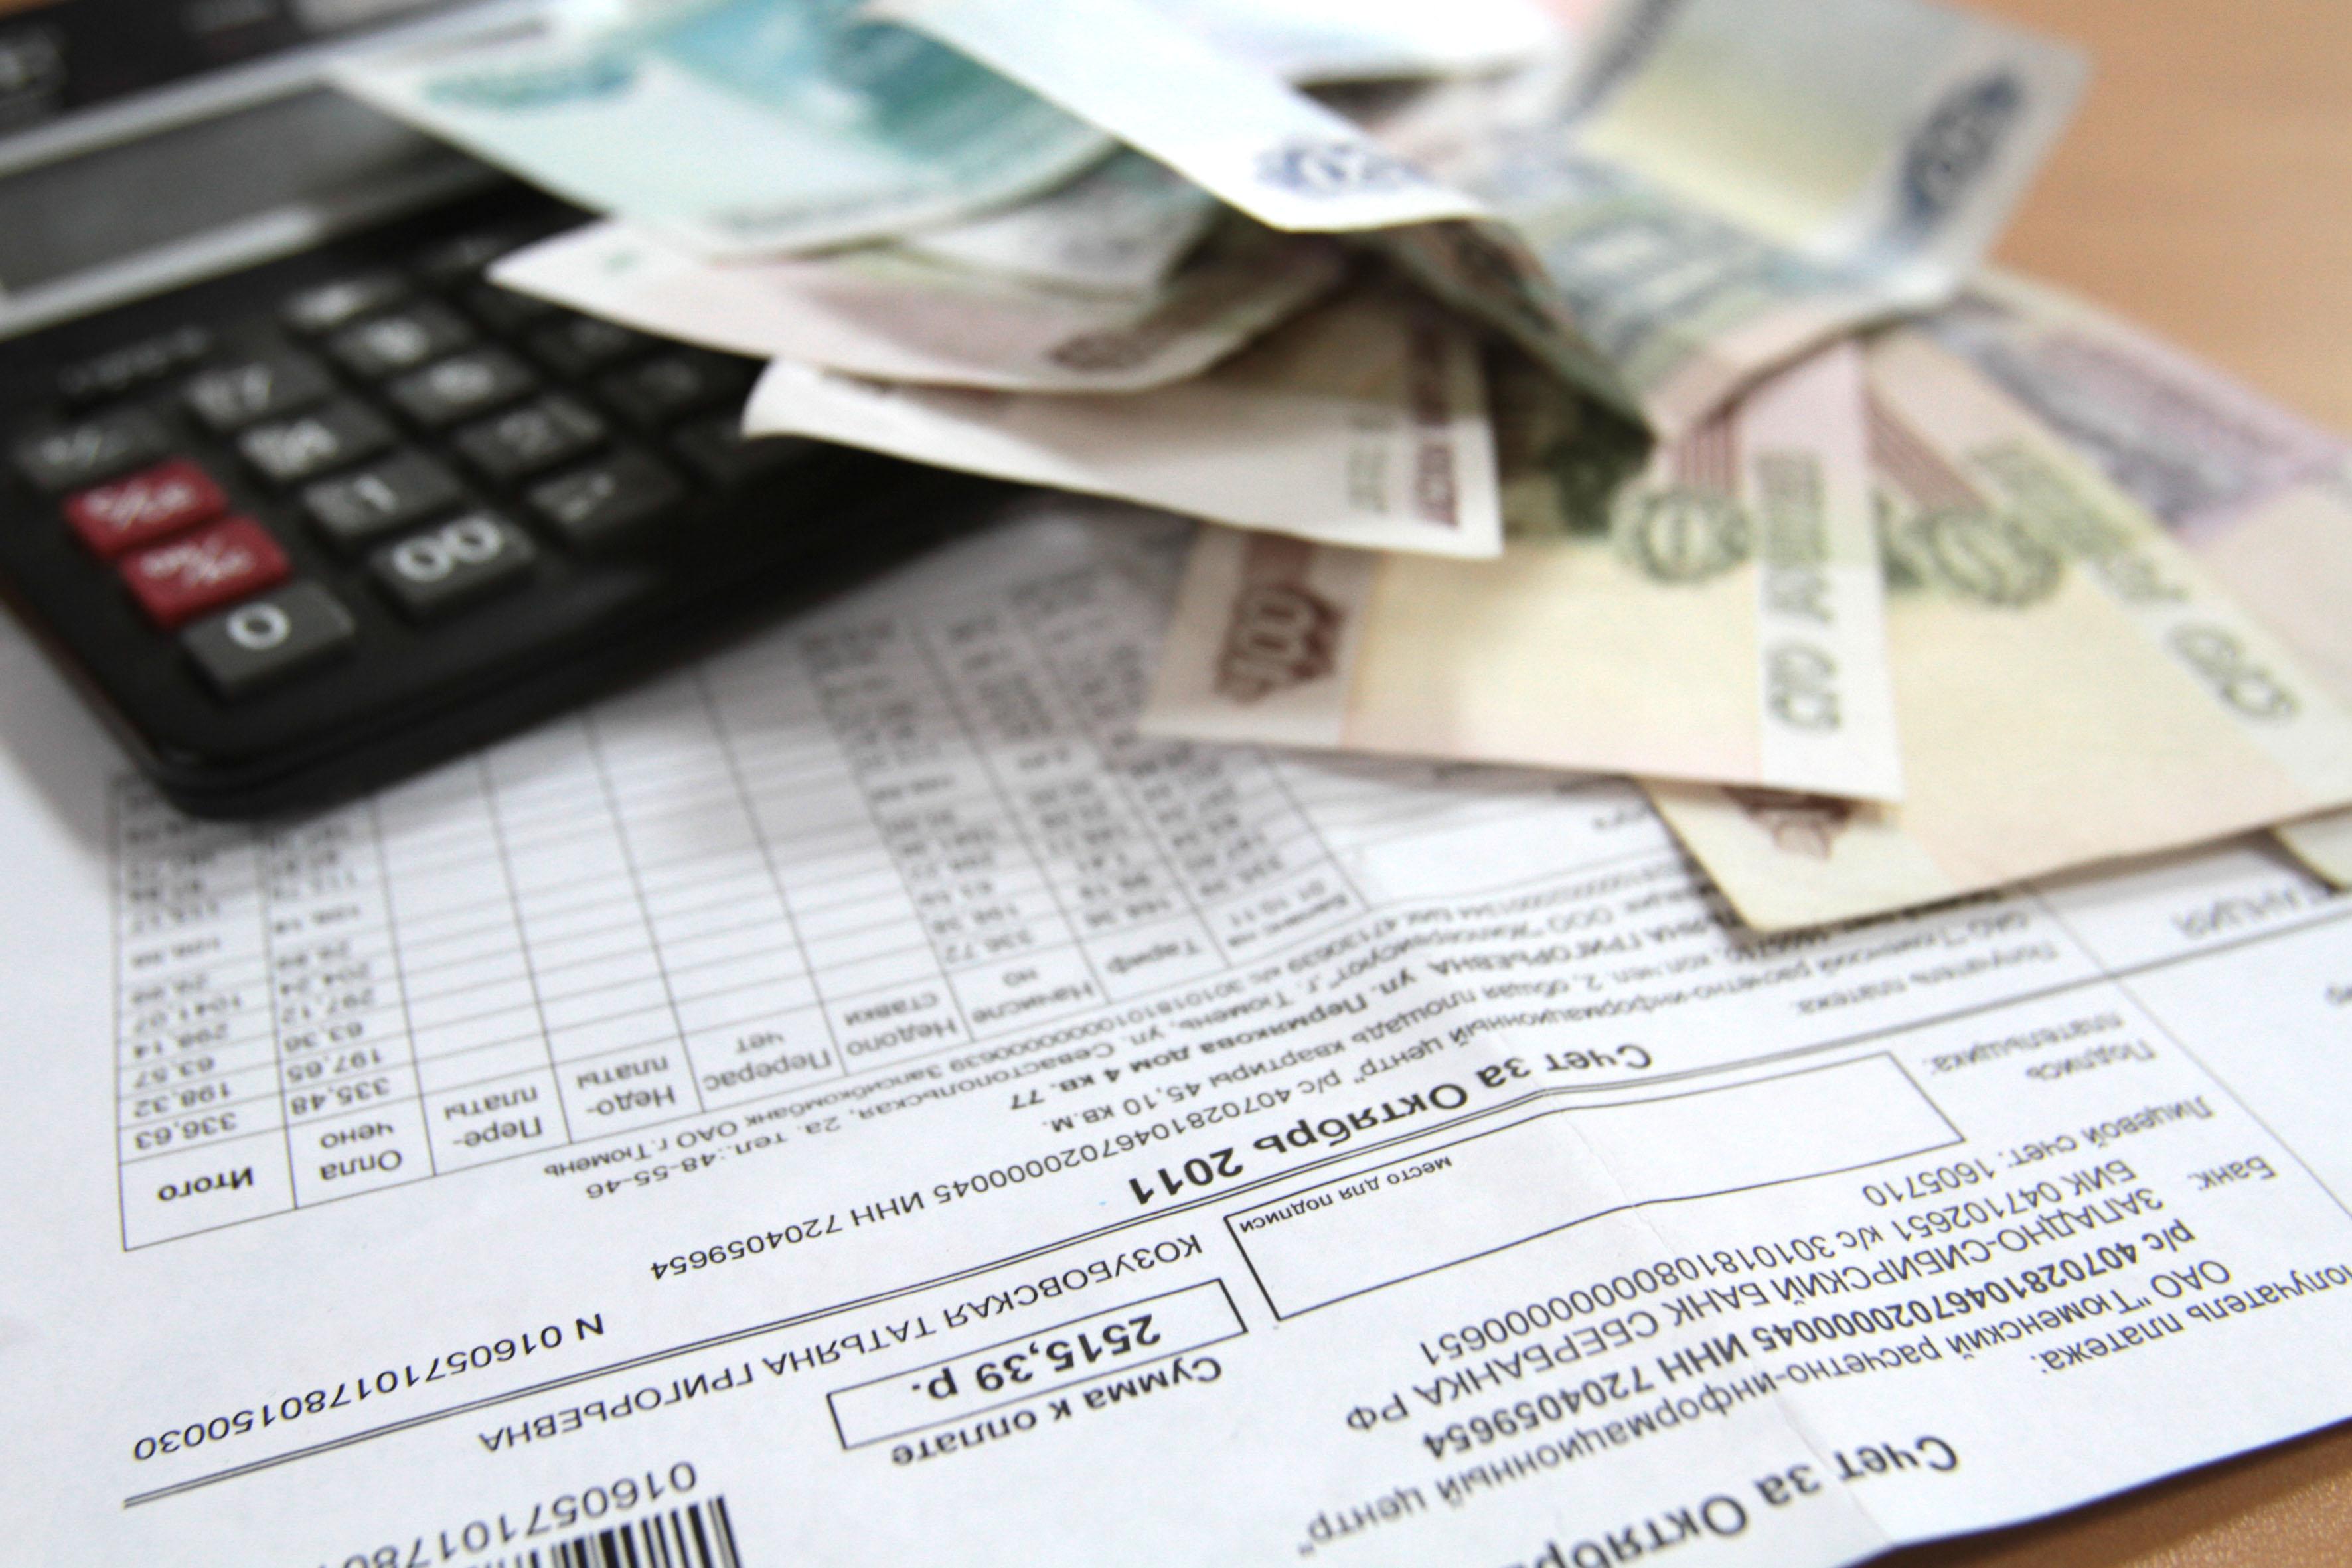 Департамент потарифам утвердил рост тарифов науслуги ЖКХ вНовосибирской области